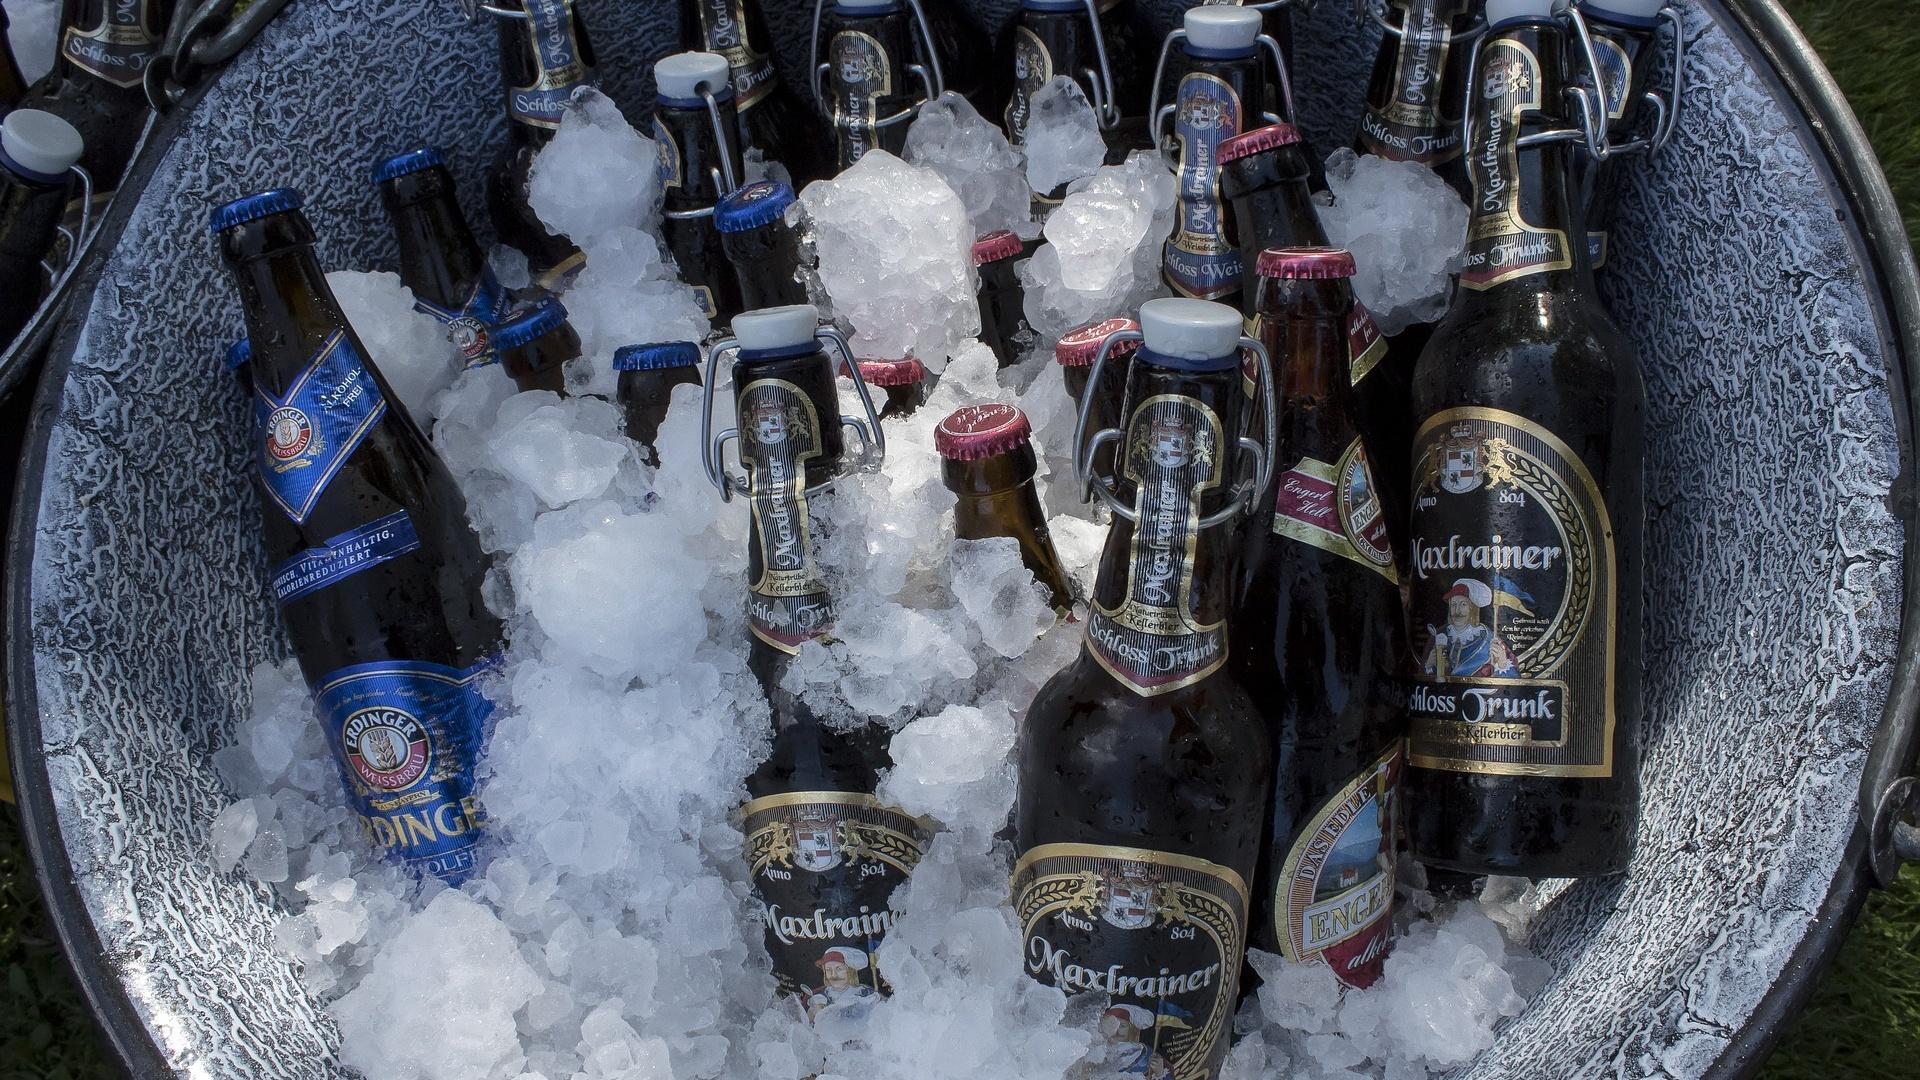 Getränke kühlen ohne Kühlschrank: Das sind die 3 besten Life-Hacks